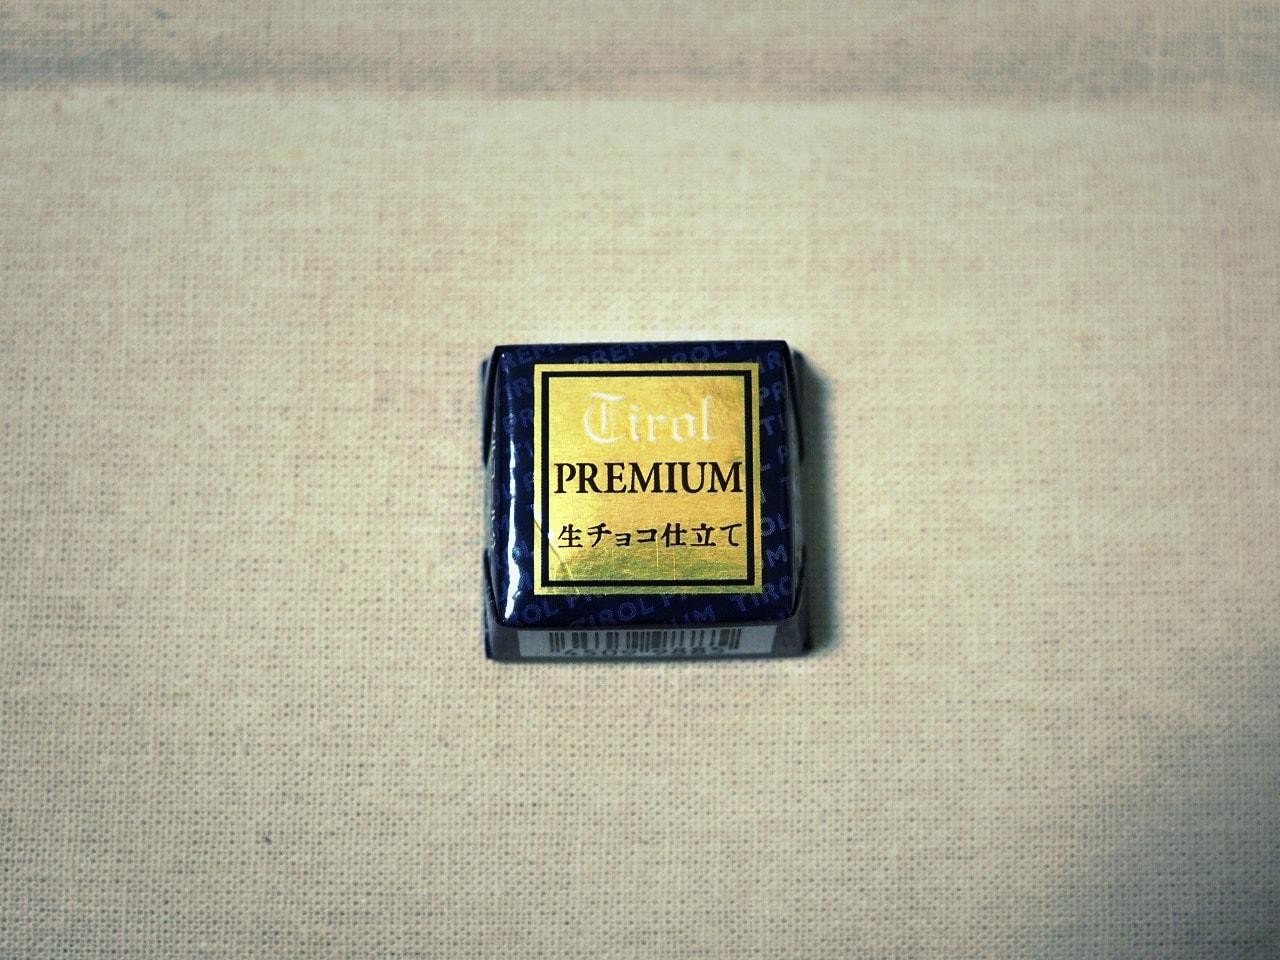 cirol-premium-1